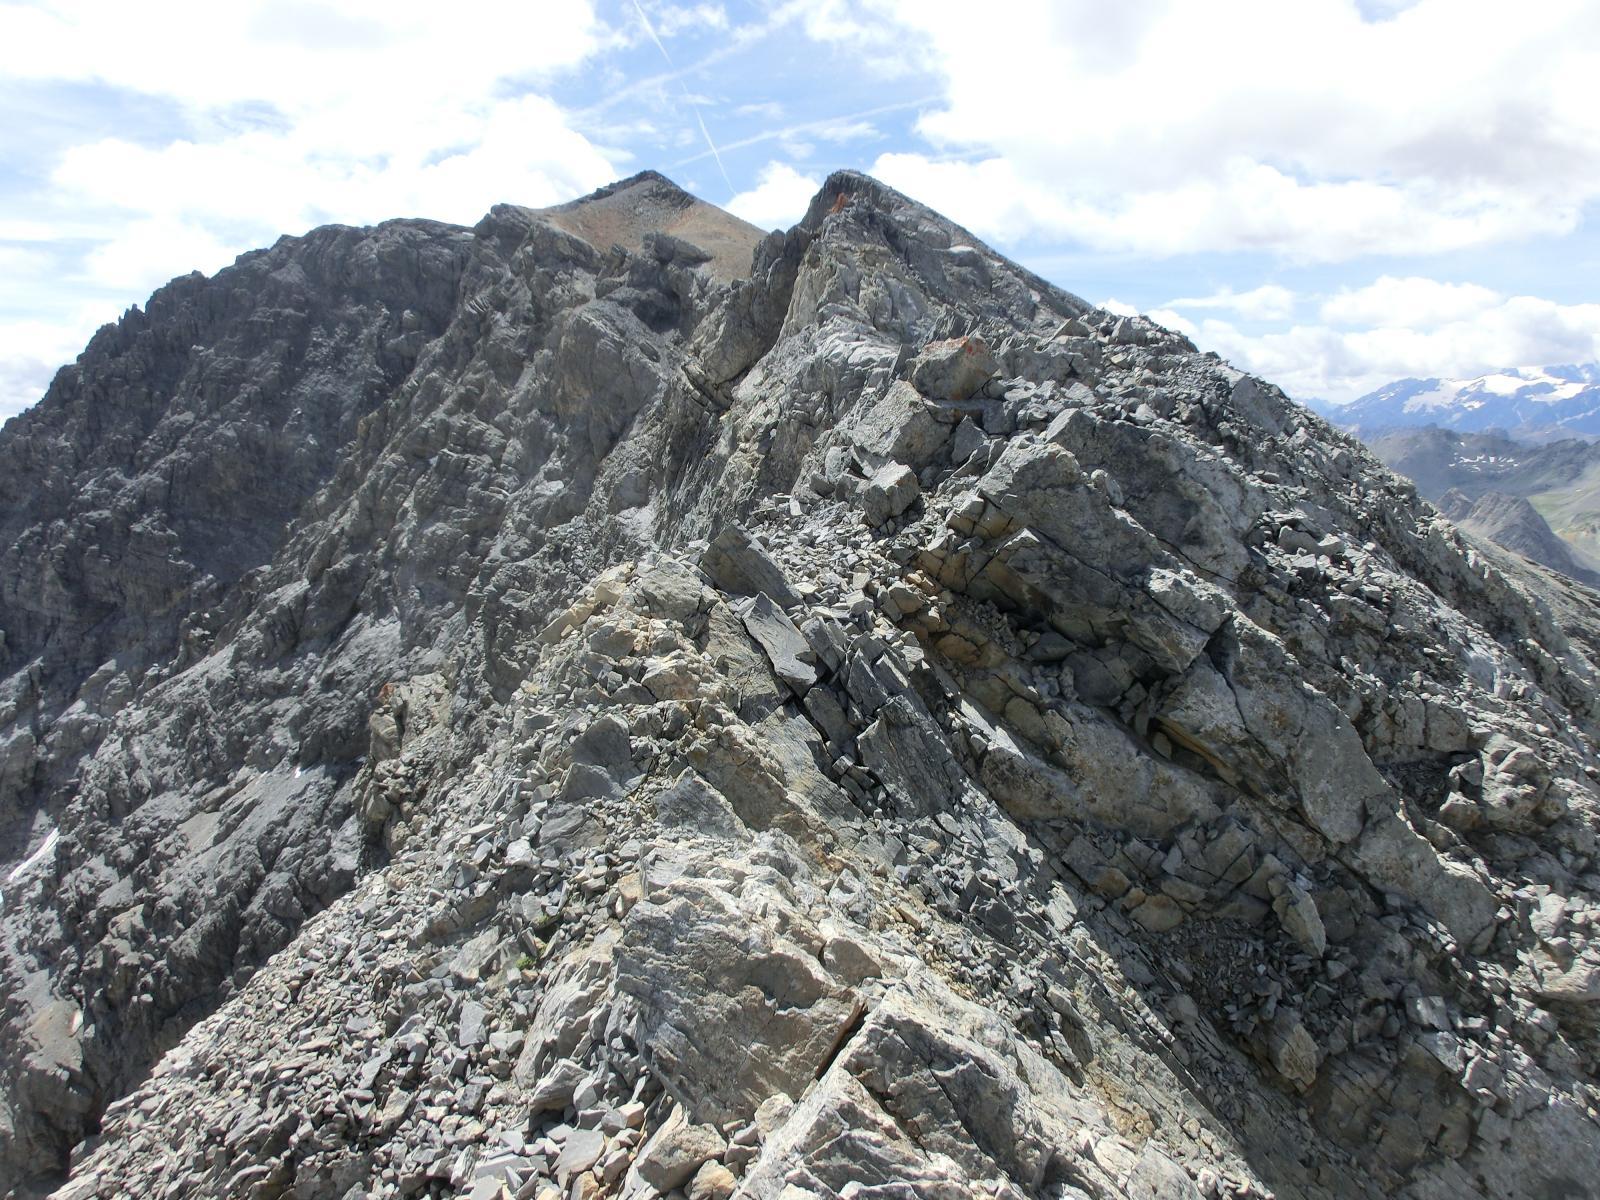 La lunga cresta con la Vetta della Bernauda sullo sfondo